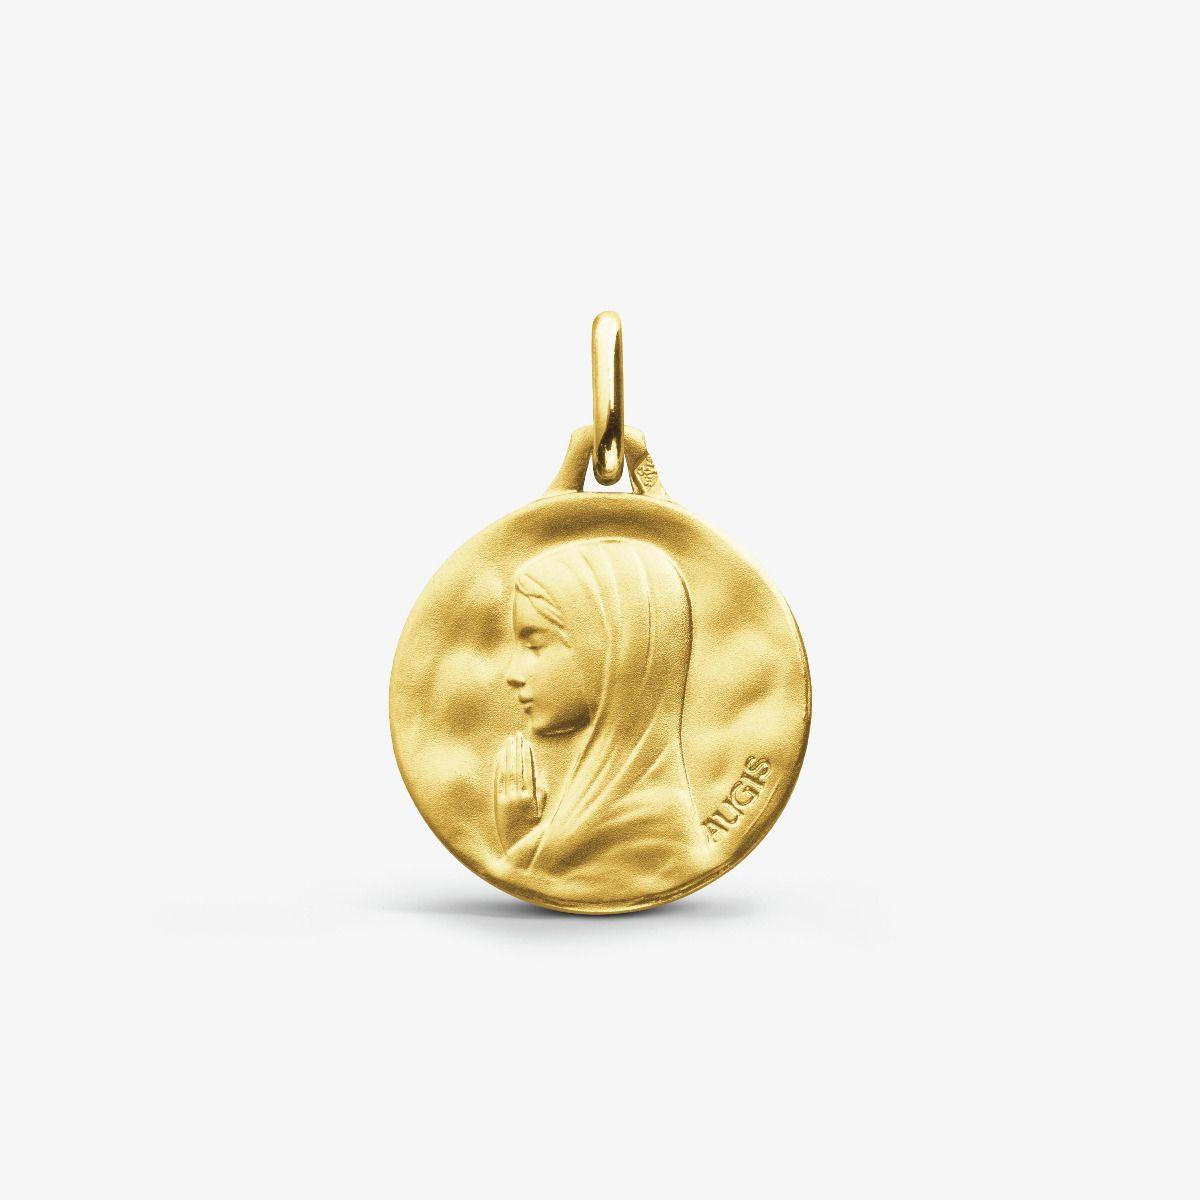 Médaille de baptême Vierge priante or jaune 18 carats 14mm